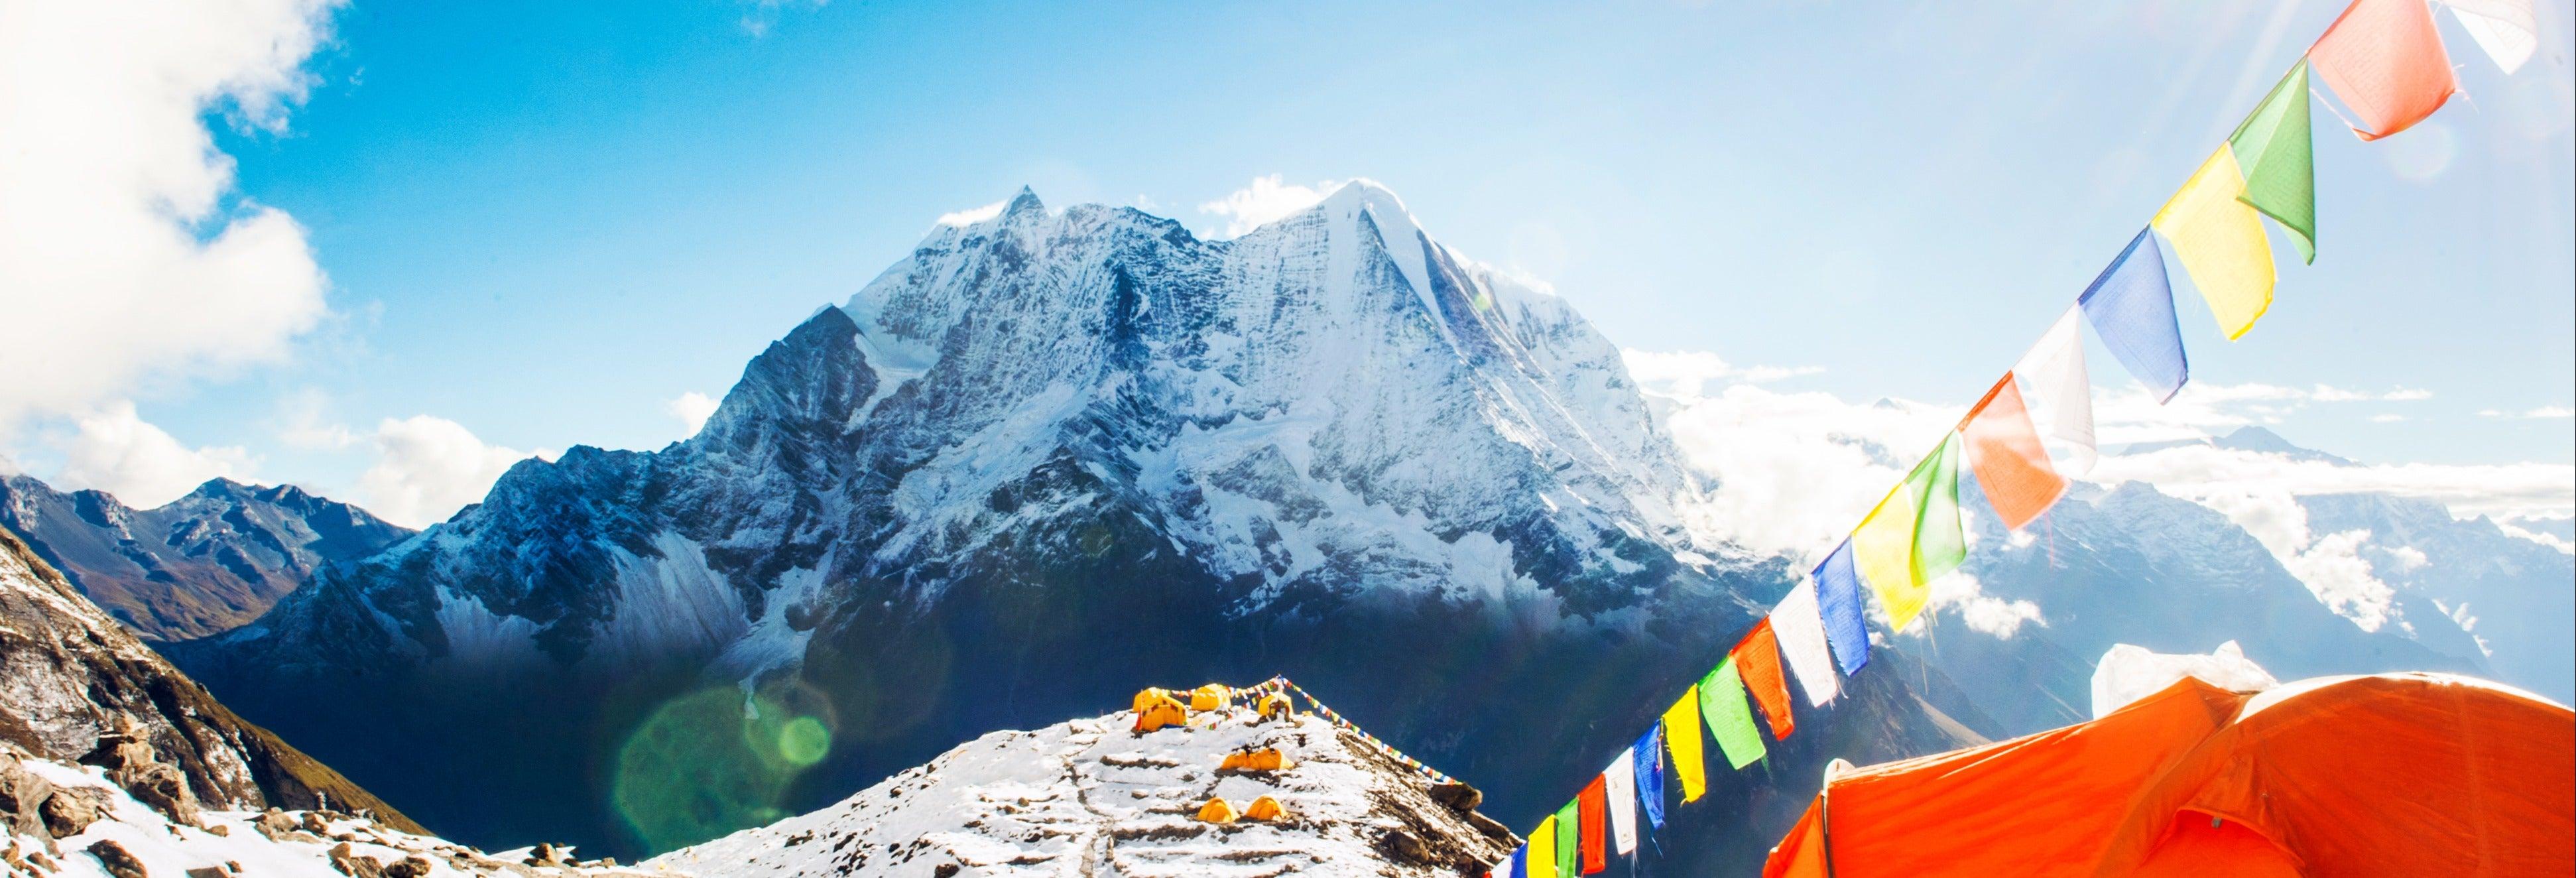 Excursión en helicóptero al campamento base del Everest